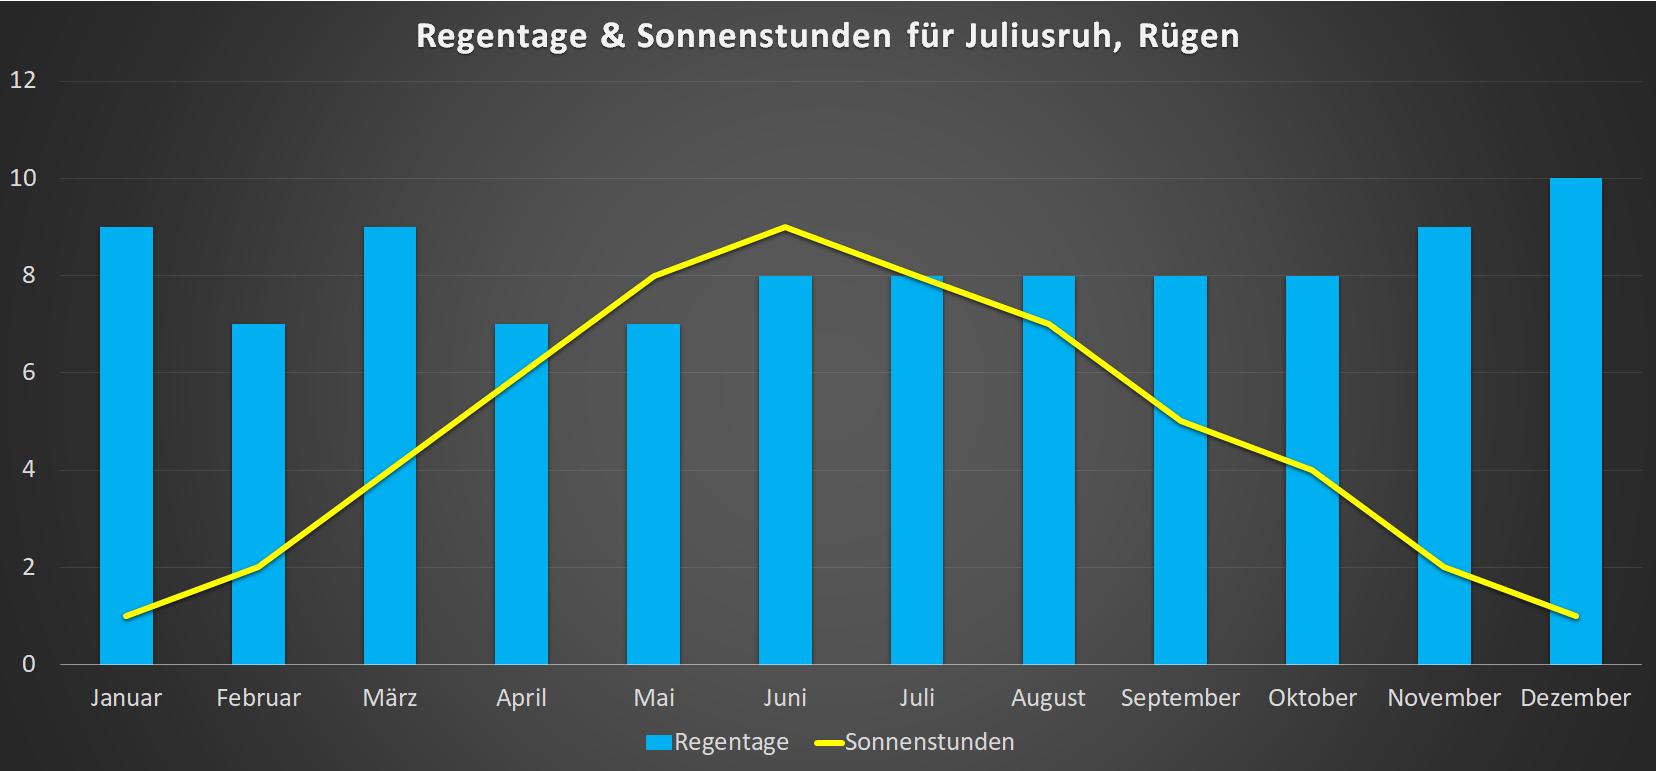 Regentage & Sonnenstunden für Juliusruh im Jahresverlauf